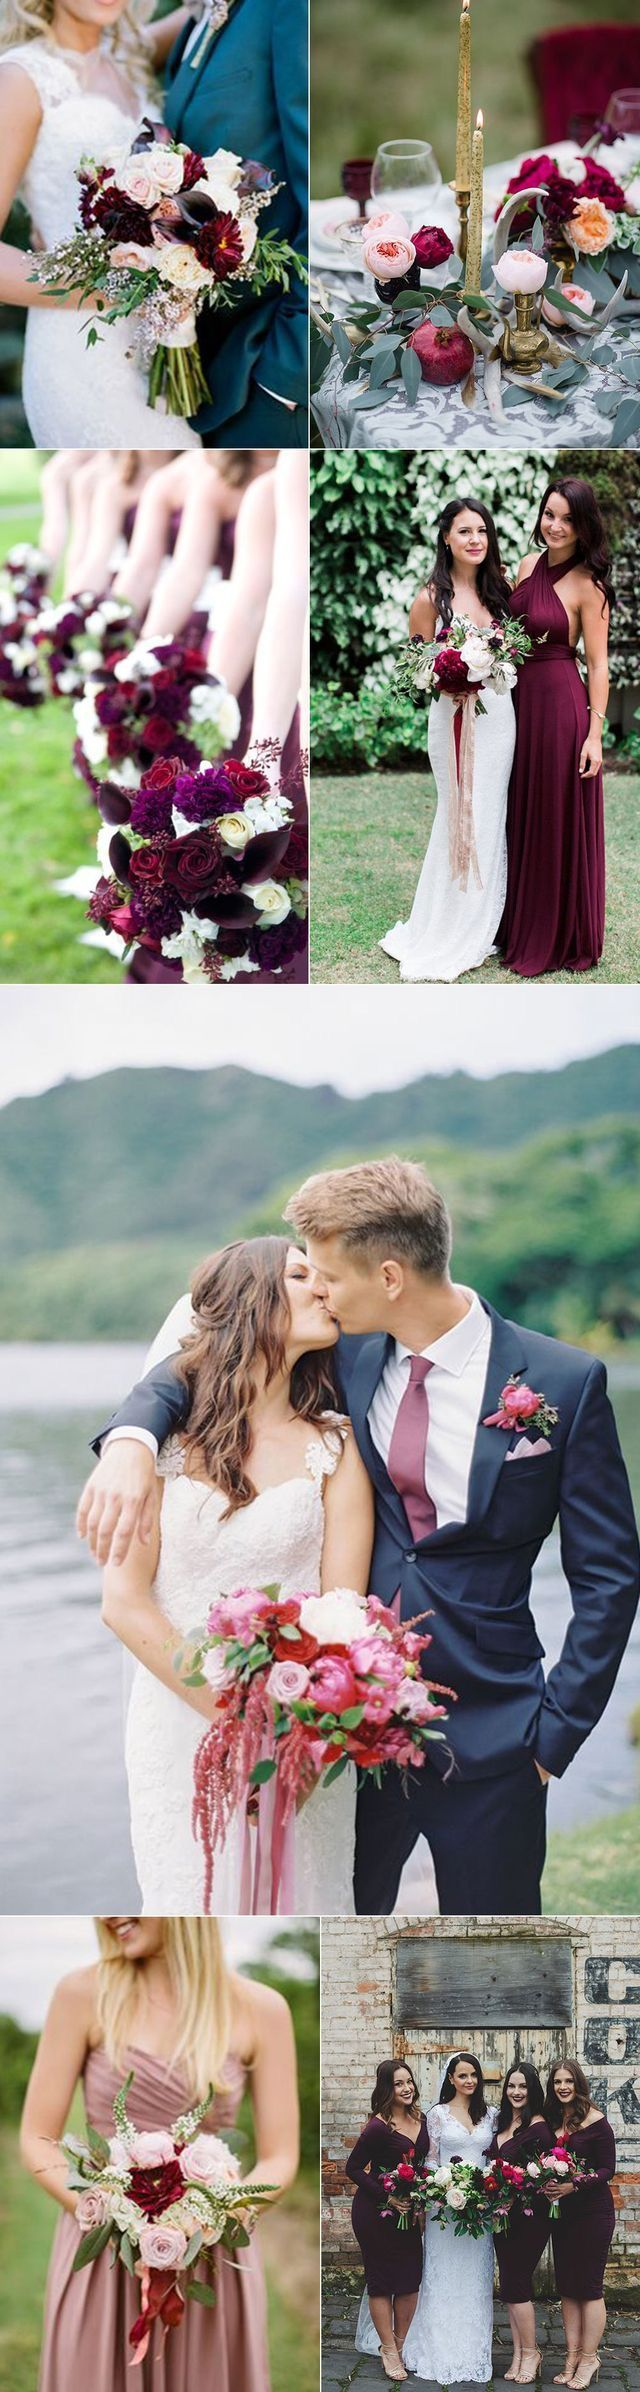 Maroon wedding color